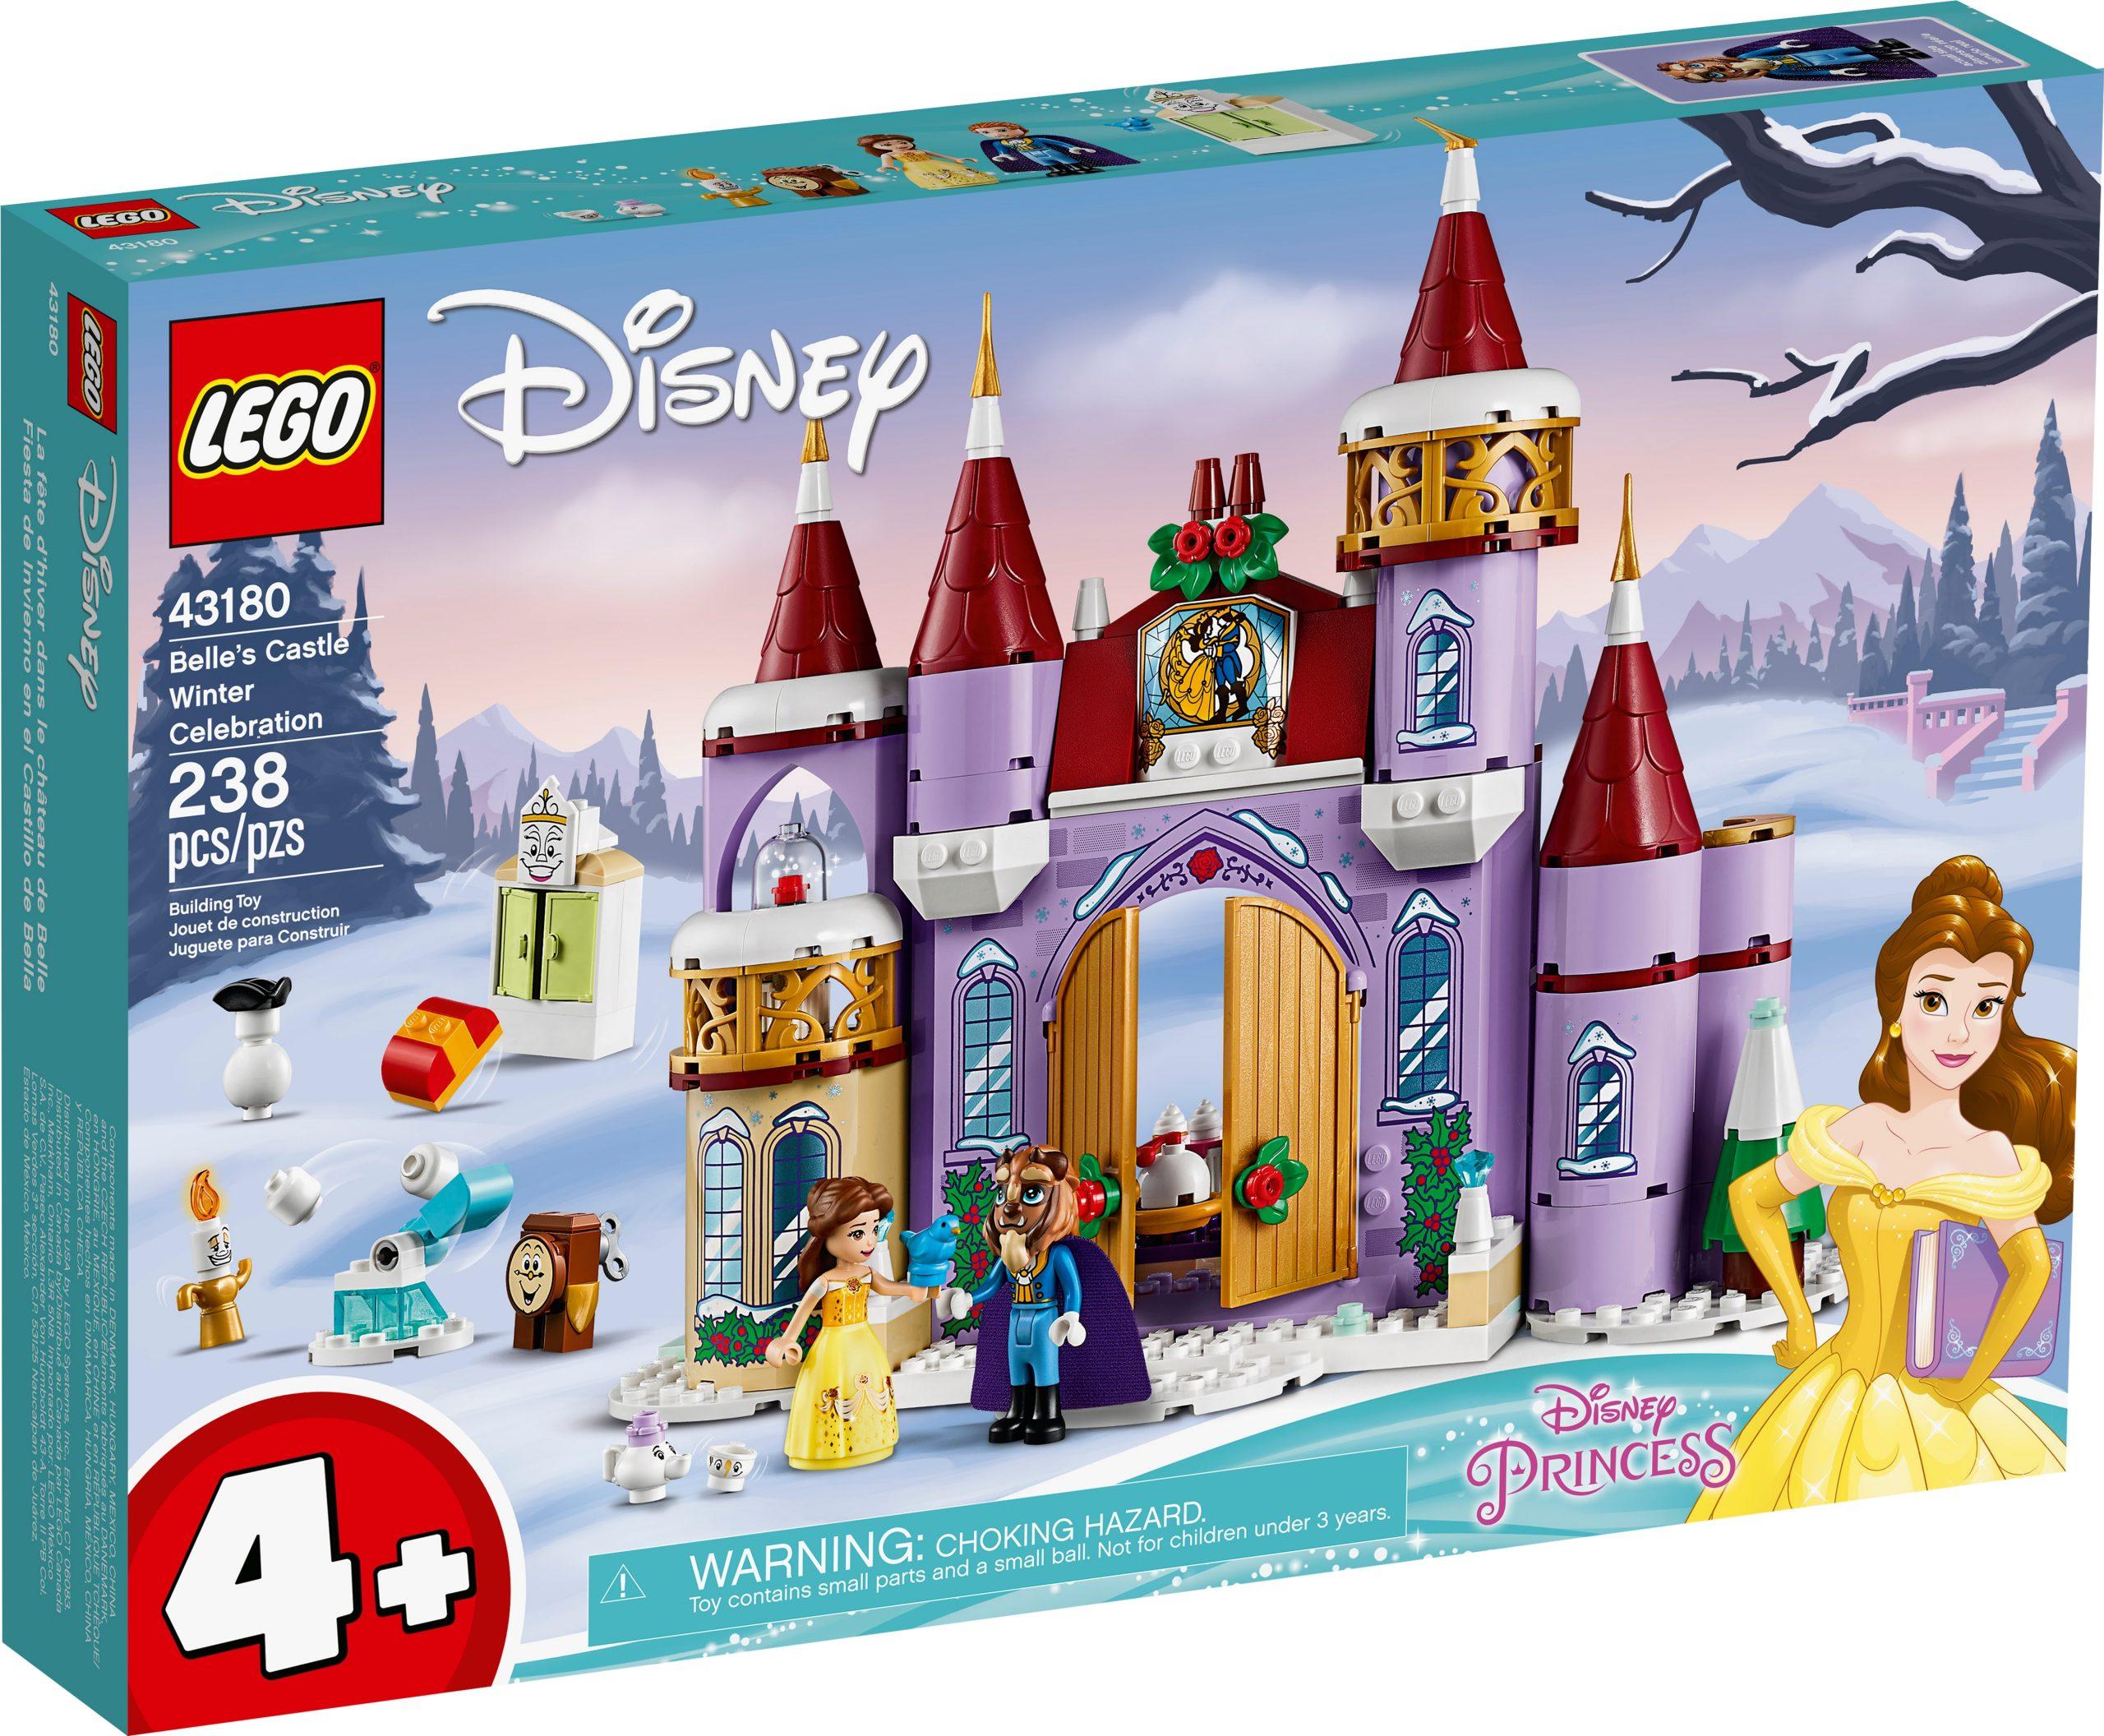 lego 43180 belles castle winter celebration scaled